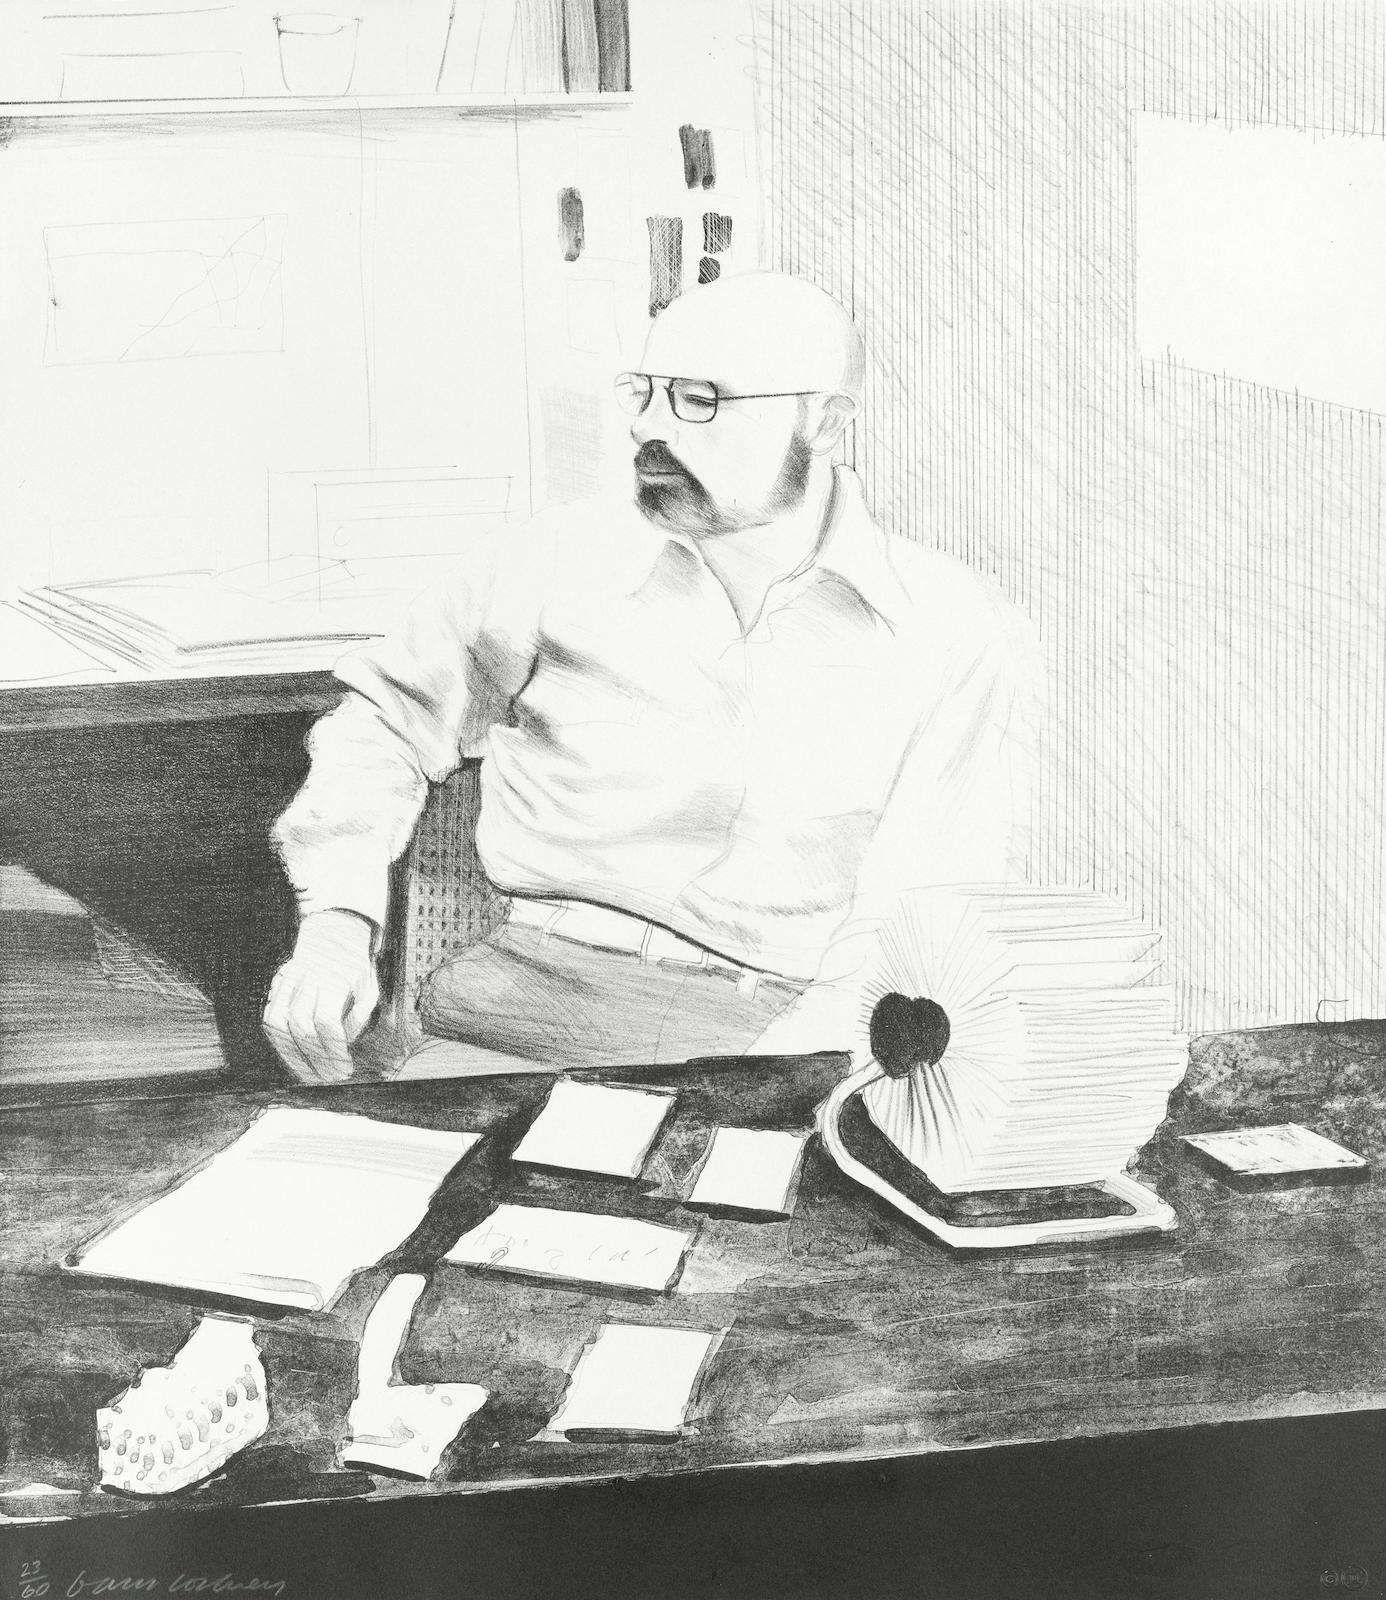 David Hockney-Sidney in his office-1976